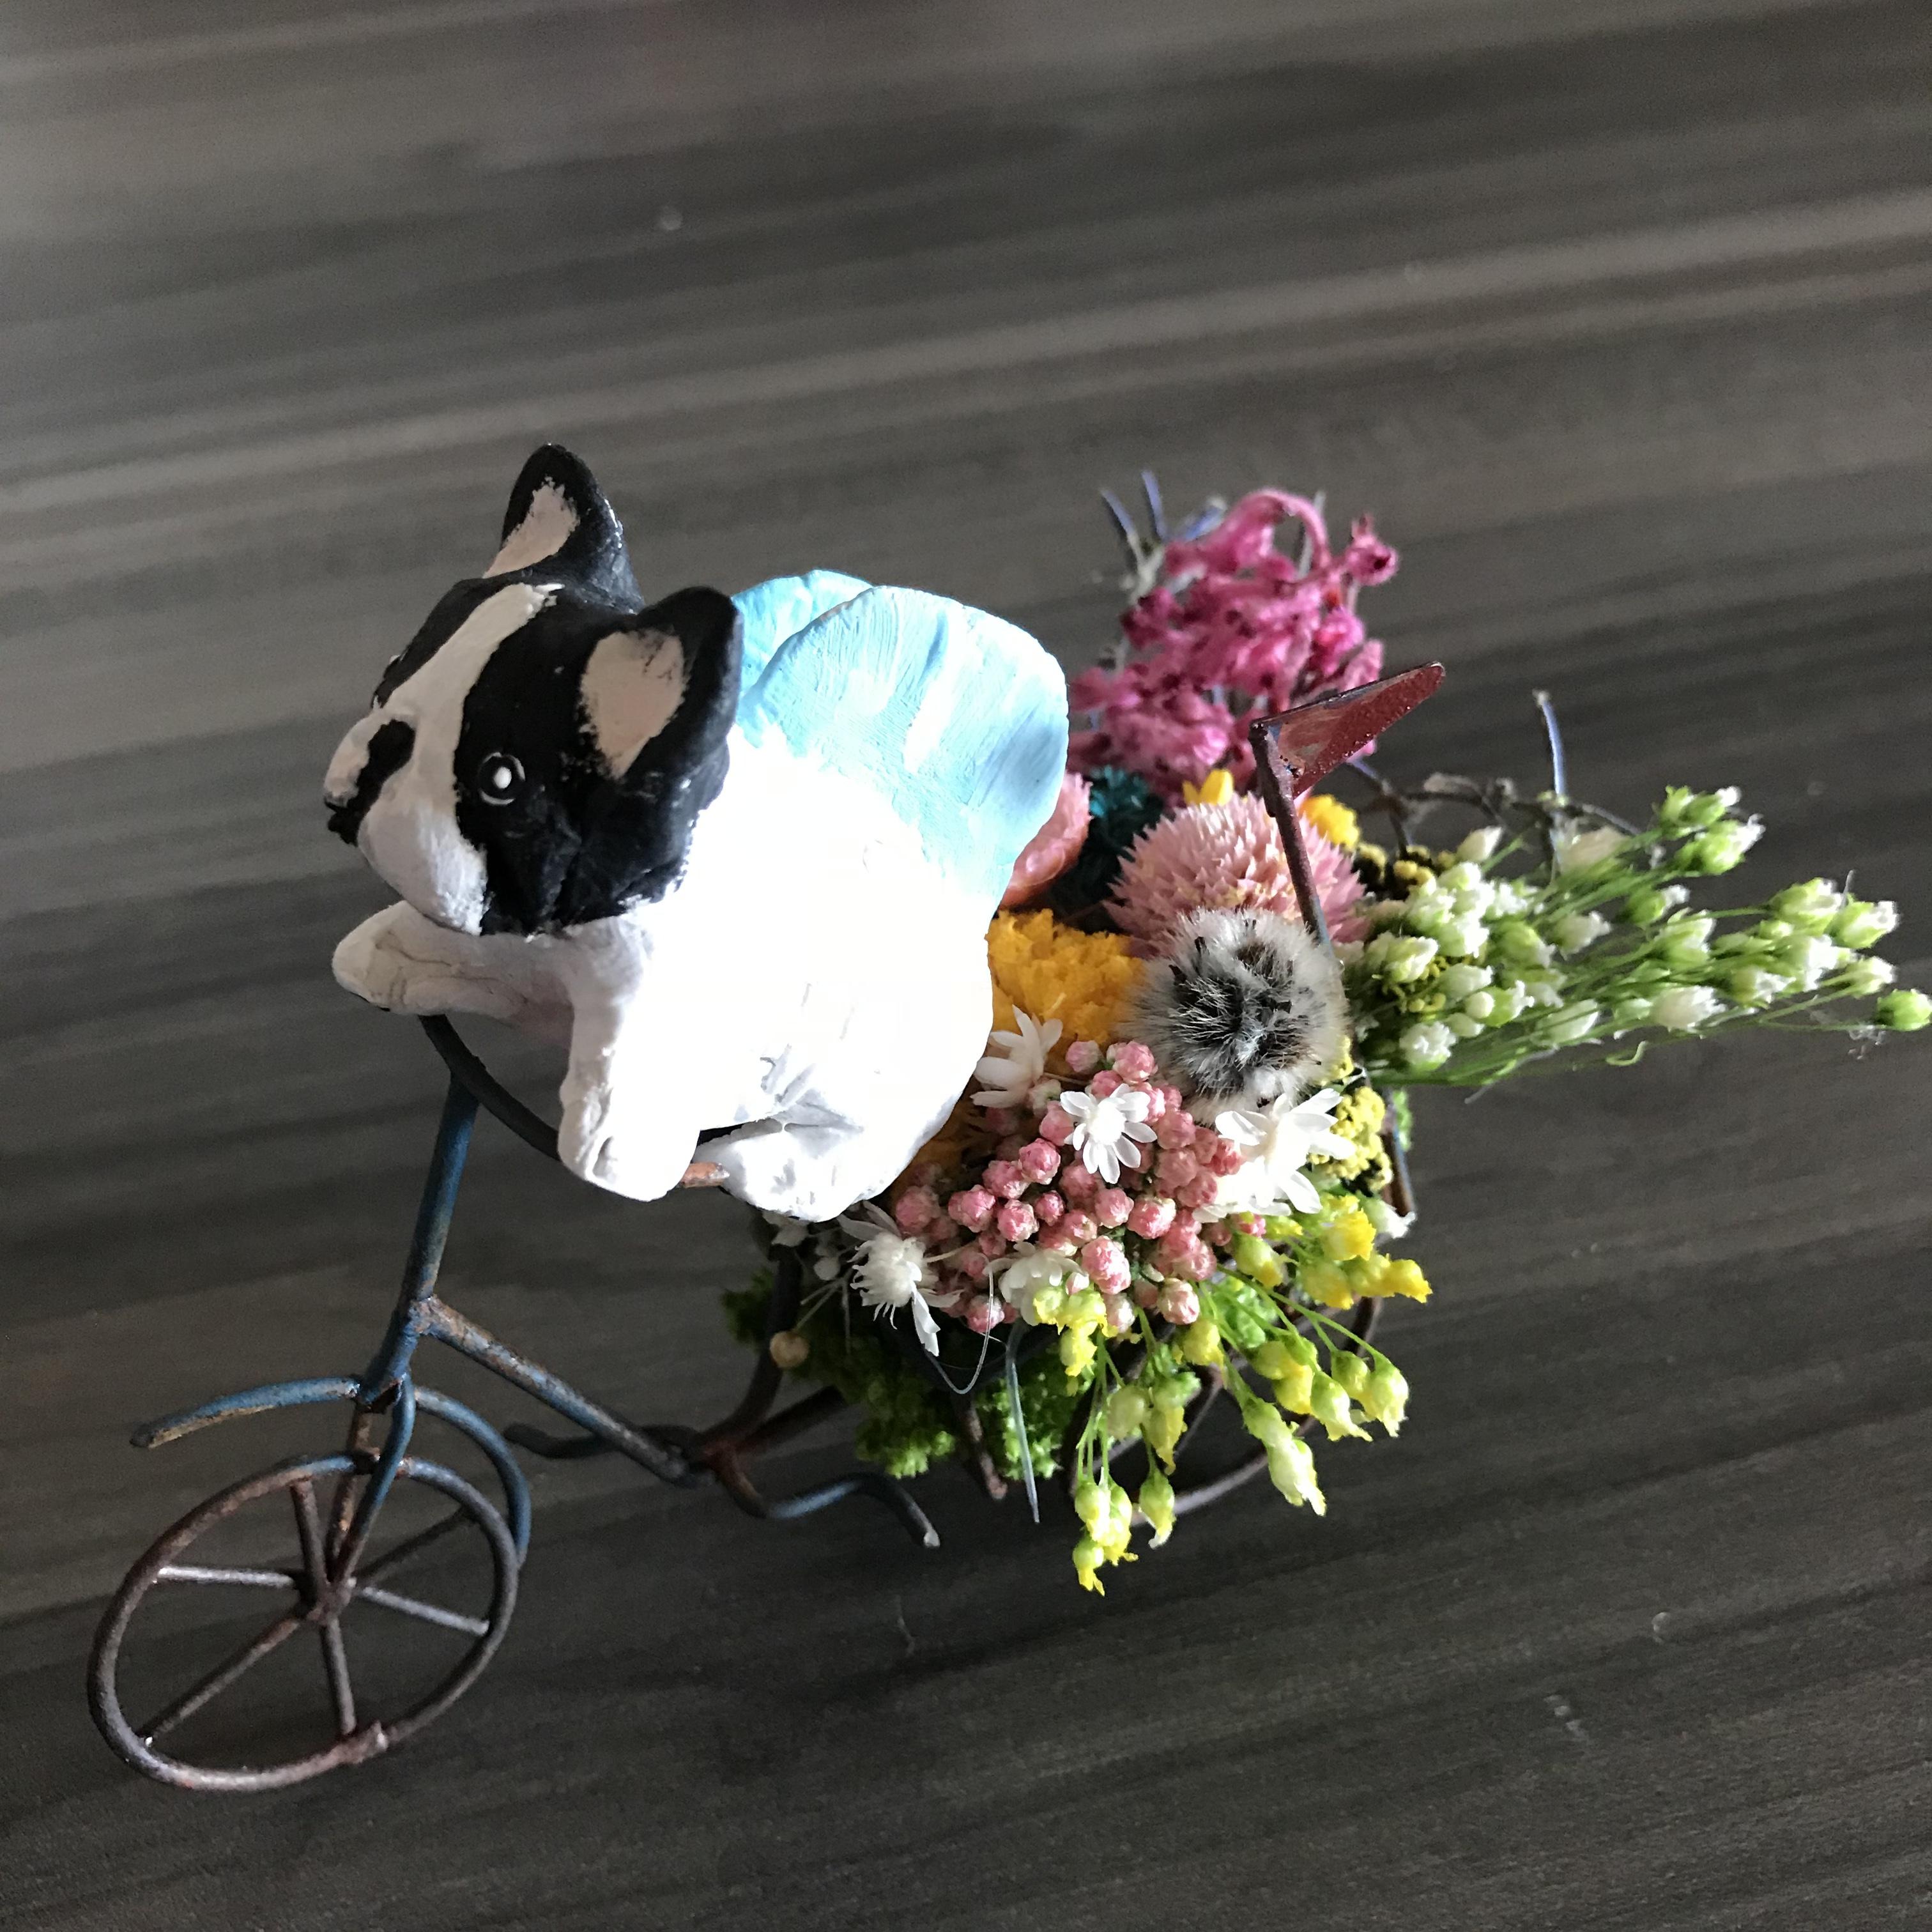 幸せをお届けするBUHI(三輪車)小⑧